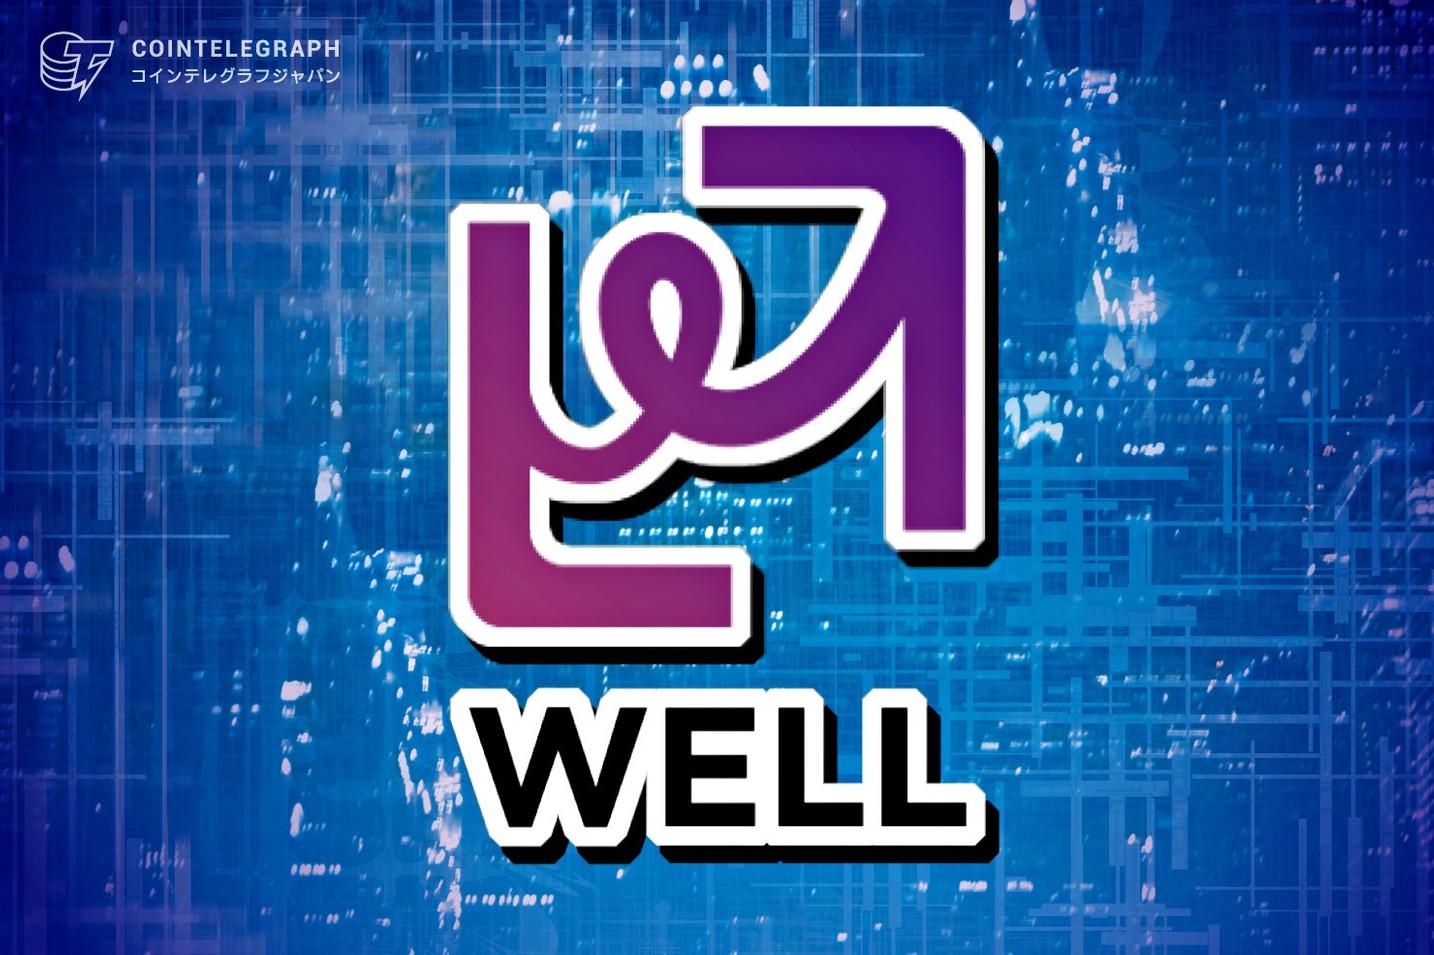 ウェルネストークン、海外取引所BitForex(ビットフォレックス)にてIEO実施が決定